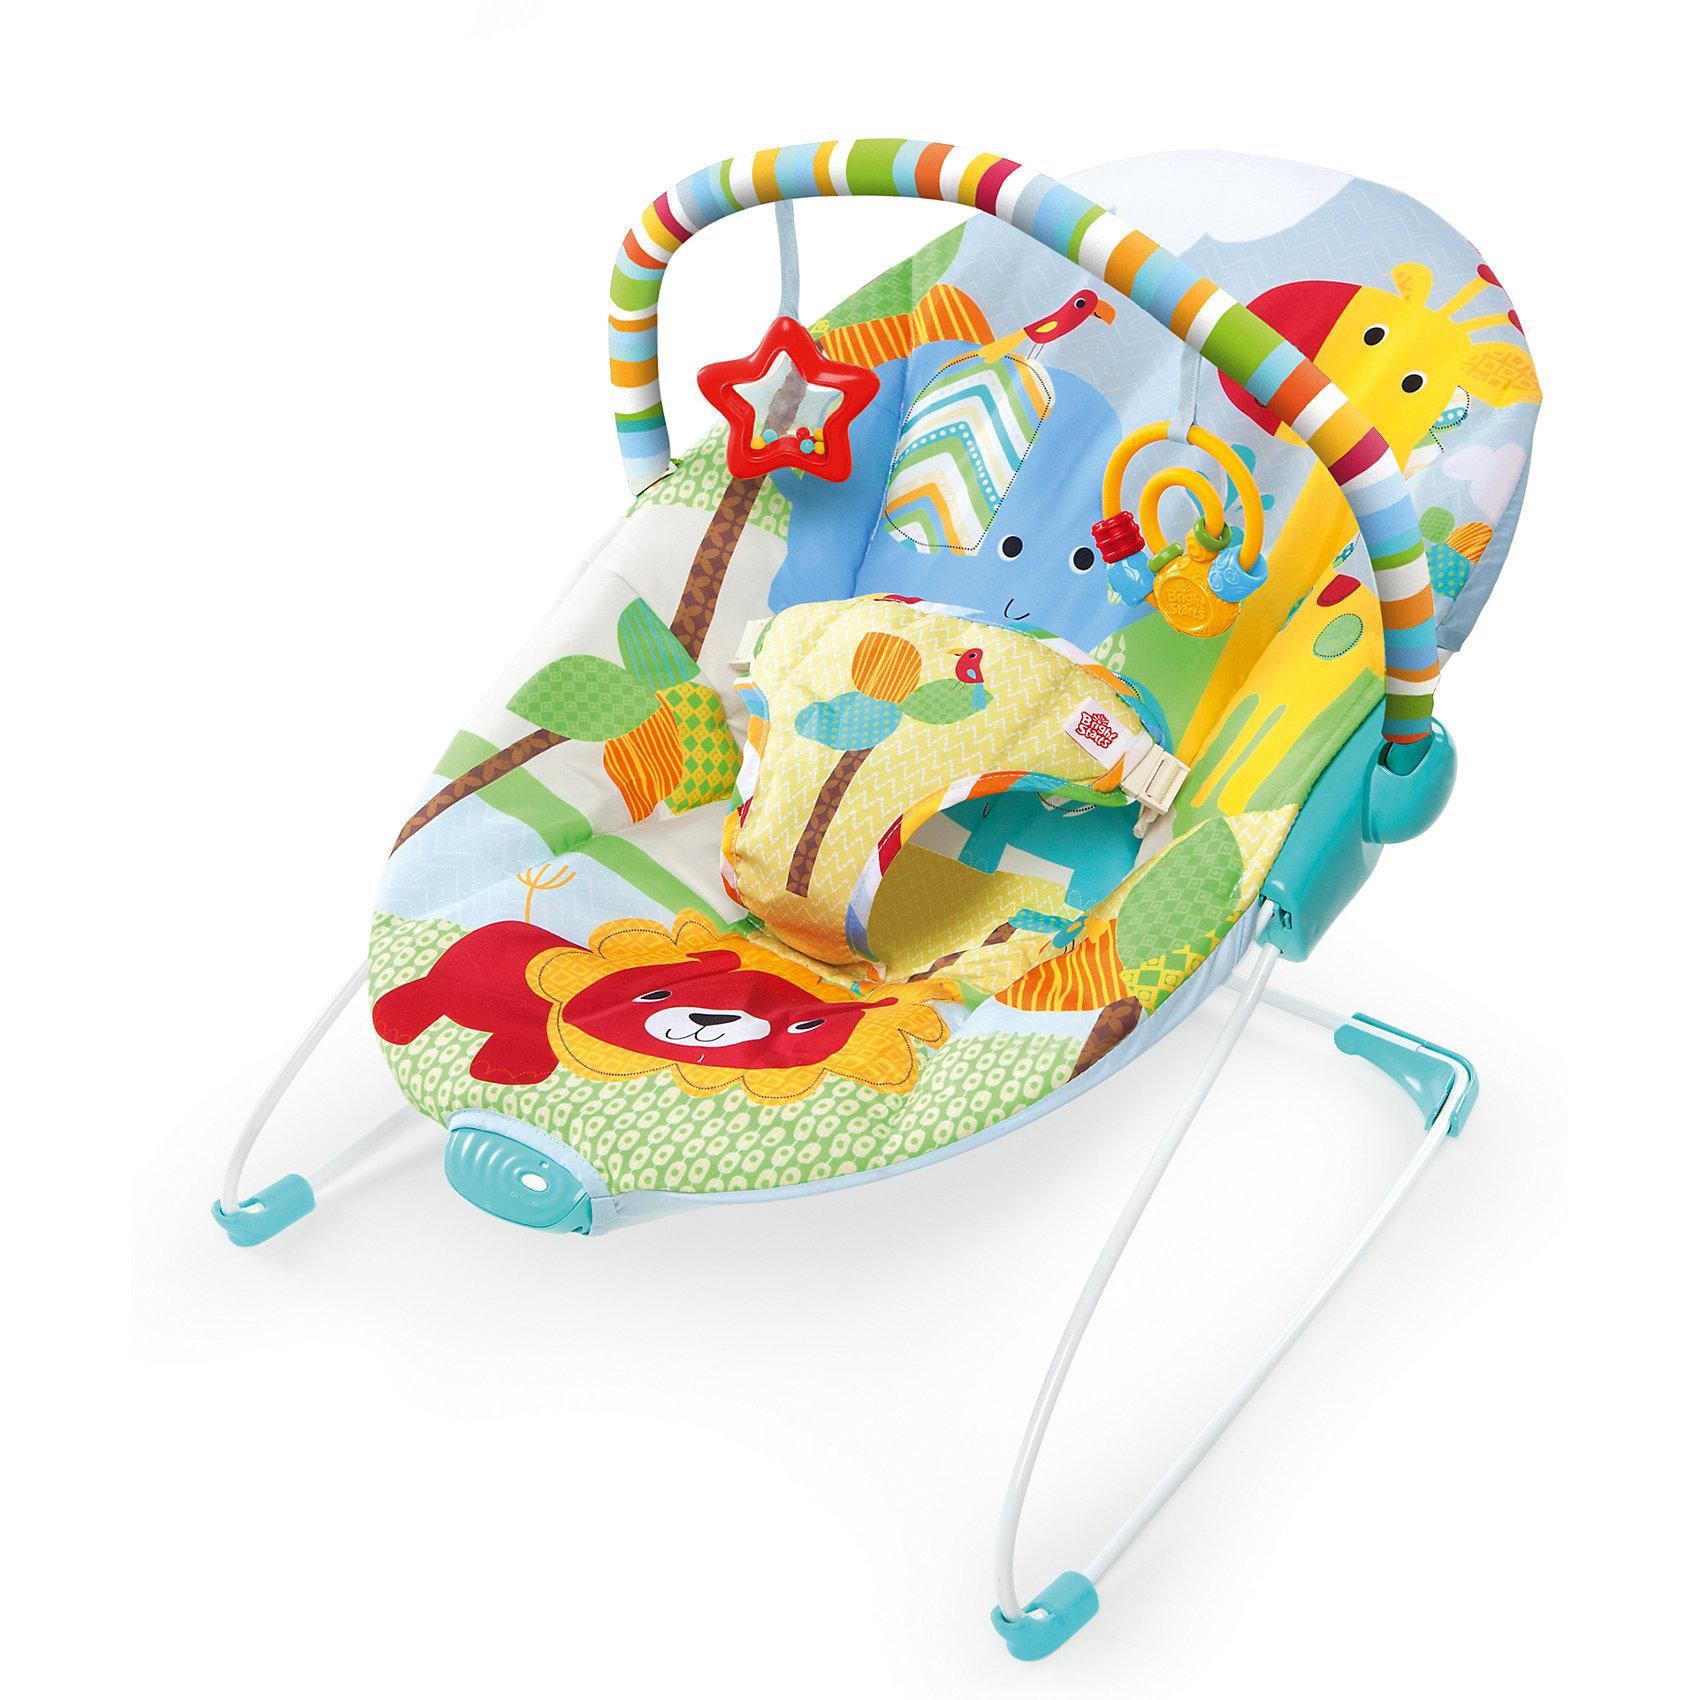 Кресло-качалка Фестиваль друзей, Bright StartsЗабавные игрушки развлекут вашего малыша, а нежная вибрация поможет его успокоить!<br>Приятные особенности:<br>Углубленное сиденье дает дополнительную поддержку спинке малыша <br>Успокаивающая вибрация <br>2 игрушки: звездочка - погремушка с разноцветными бусинами; спиралька – прорезыватель <br>Съемная перекладина с забавными игрушками может поворачиваться для быстрого доступа к ребенку <br><br>Дополнительные характеристики <br>3-х точечный ремень безопасности<br>1 батарейка типа С (не входят в комплект)<br>Сидение можно стирать в с<br><br>Ширина мм: 516<br>Глубина мм: 338<br>Высота мм: 84<br>Вес г: 2540<br>Возраст от месяцев: 0<br>Возраст до месяцев: 6<br>Пол: Унисекс<br>Возраст: Детский<br>SKU: 4915050